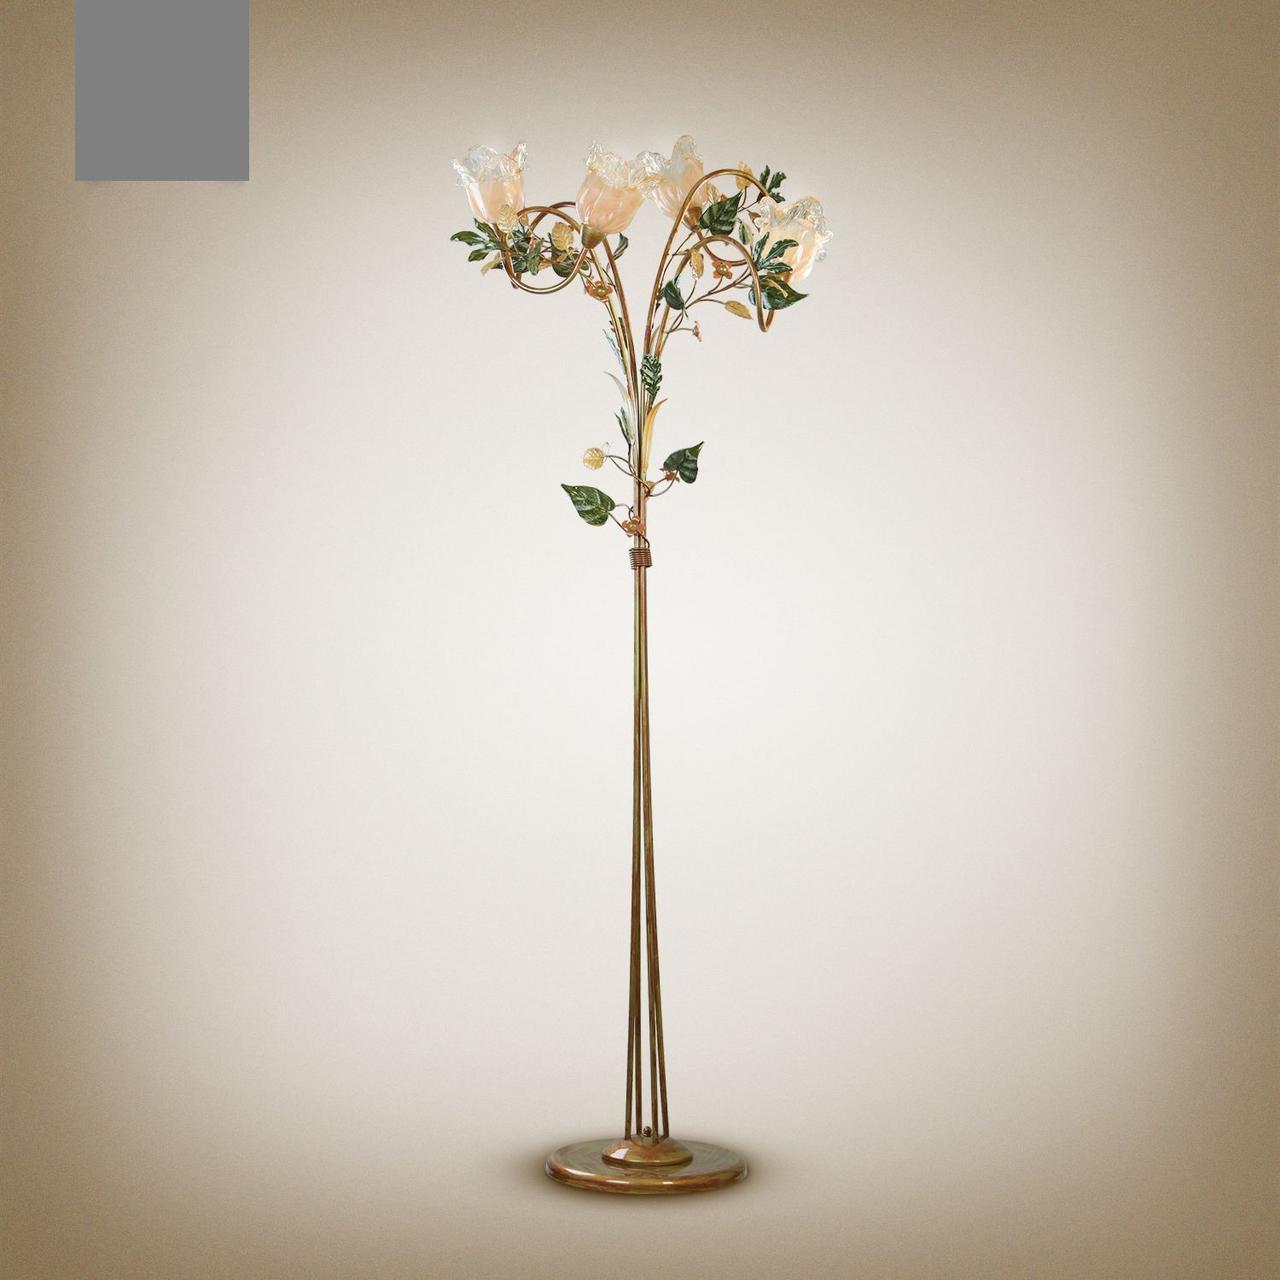 Торшер в стиле флористика 3-х ламповый 2130